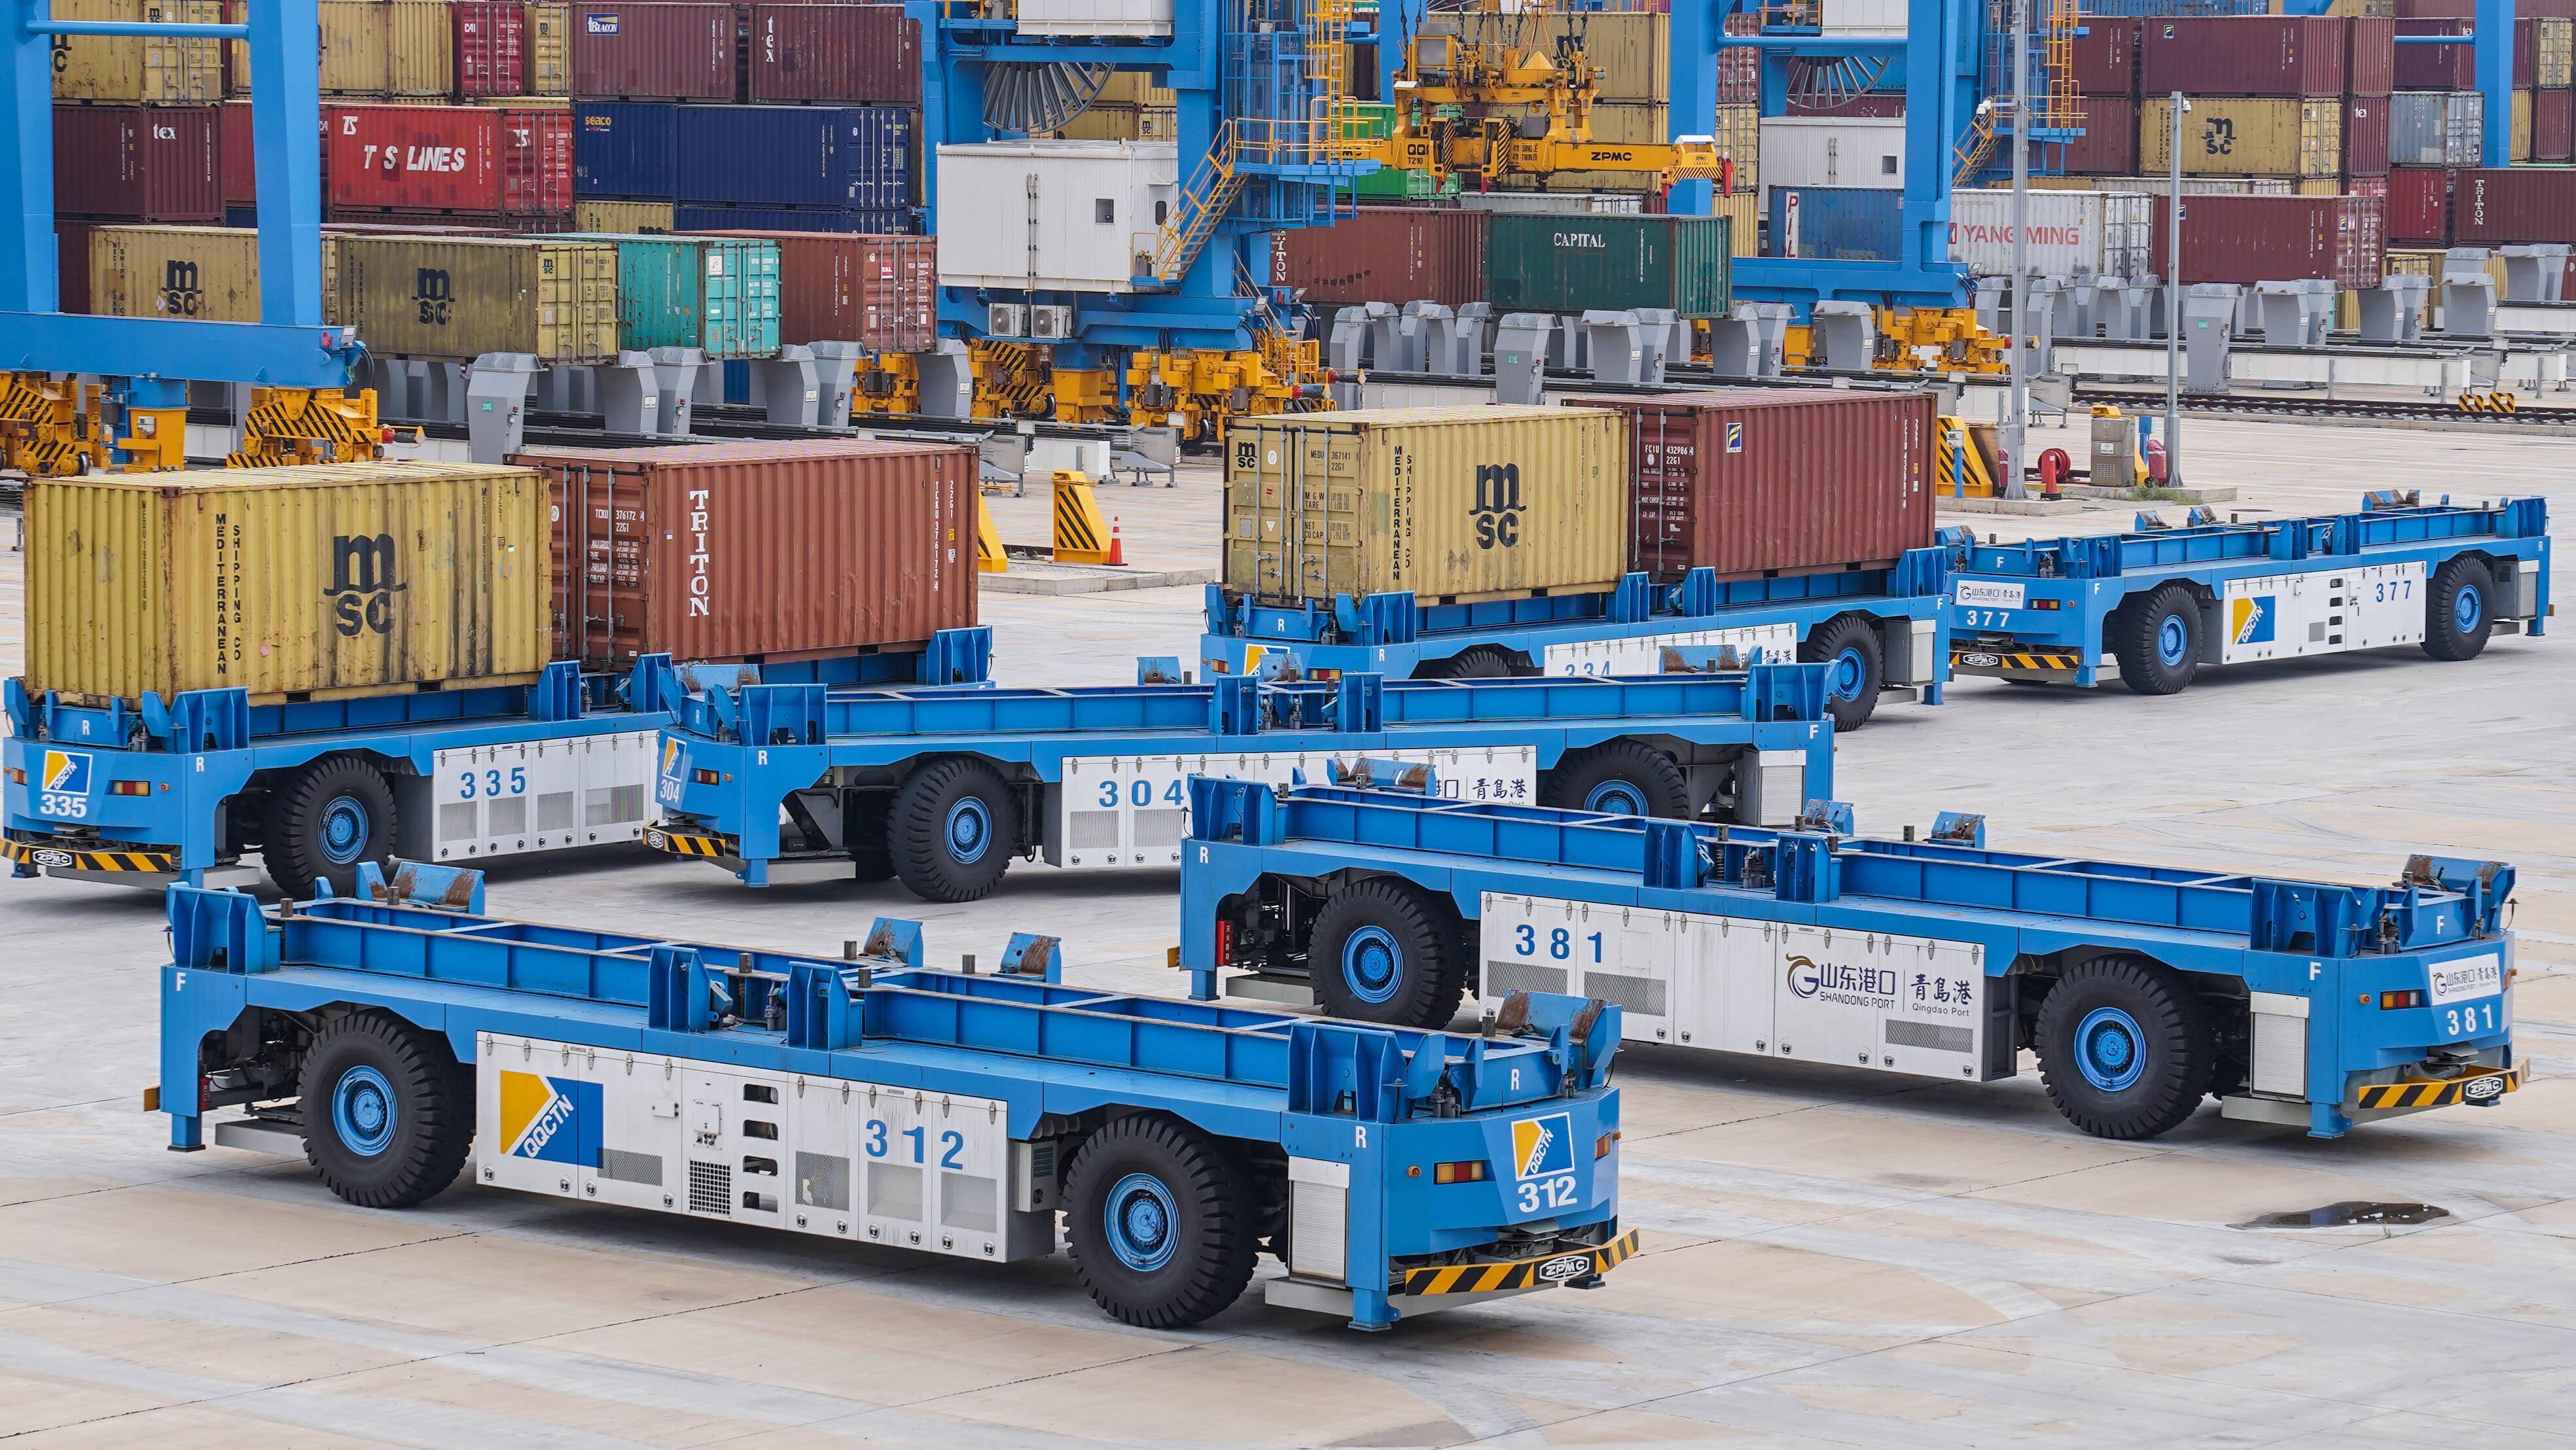 52.1自然箱/小时!山东港口青岛港全自动化码头第七次创出桥吊单机效率世界纪录